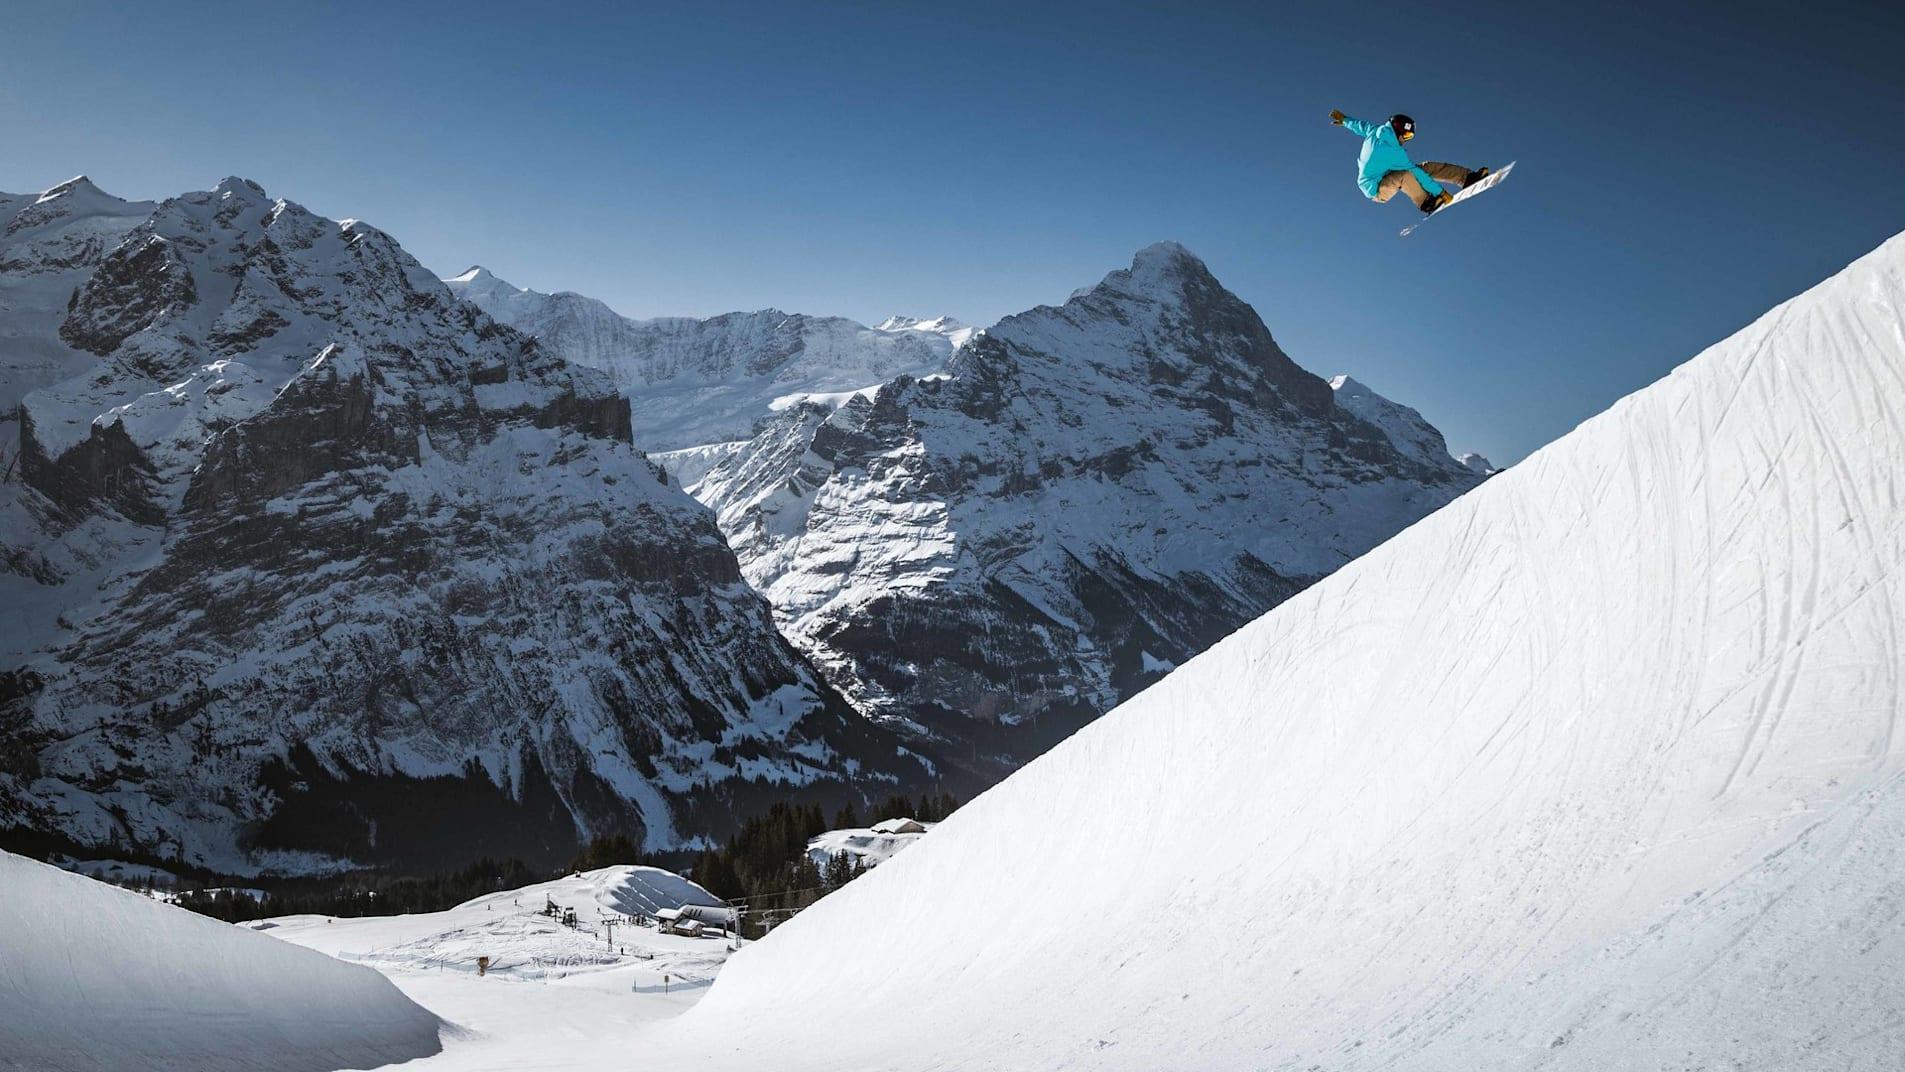 Grindelwald, Jungfraubahnen, Winter, WhiteElements, Freestylepark, Halfpipe, Eiger, First, Grindelwaldfirst, Wintersports, Freestyle